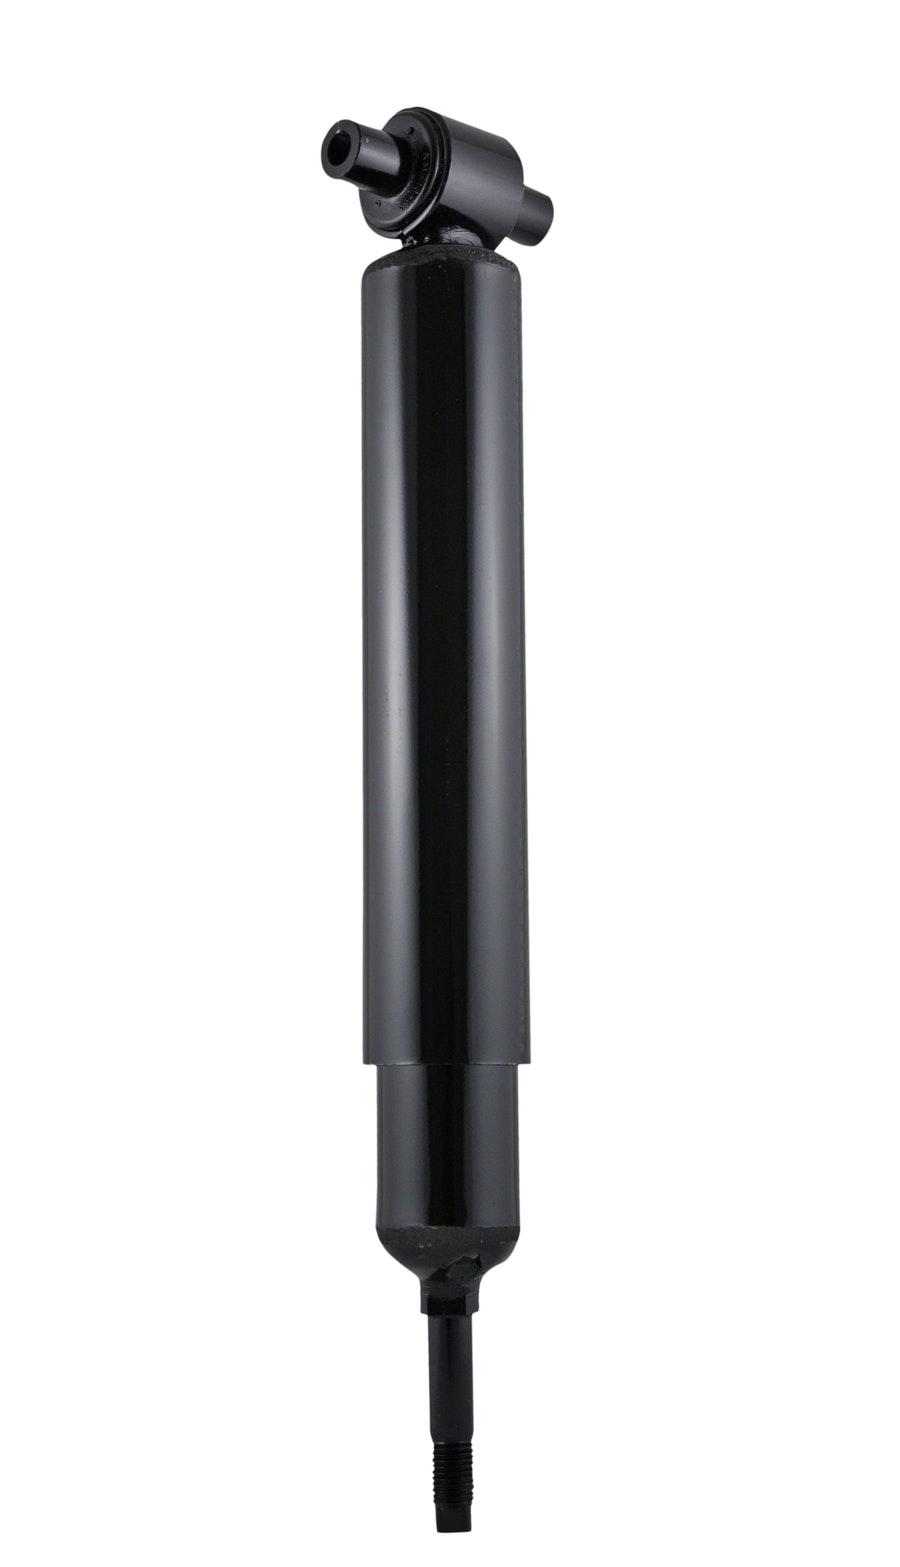 Amortecedor Dianteiro VW11130 até 13130